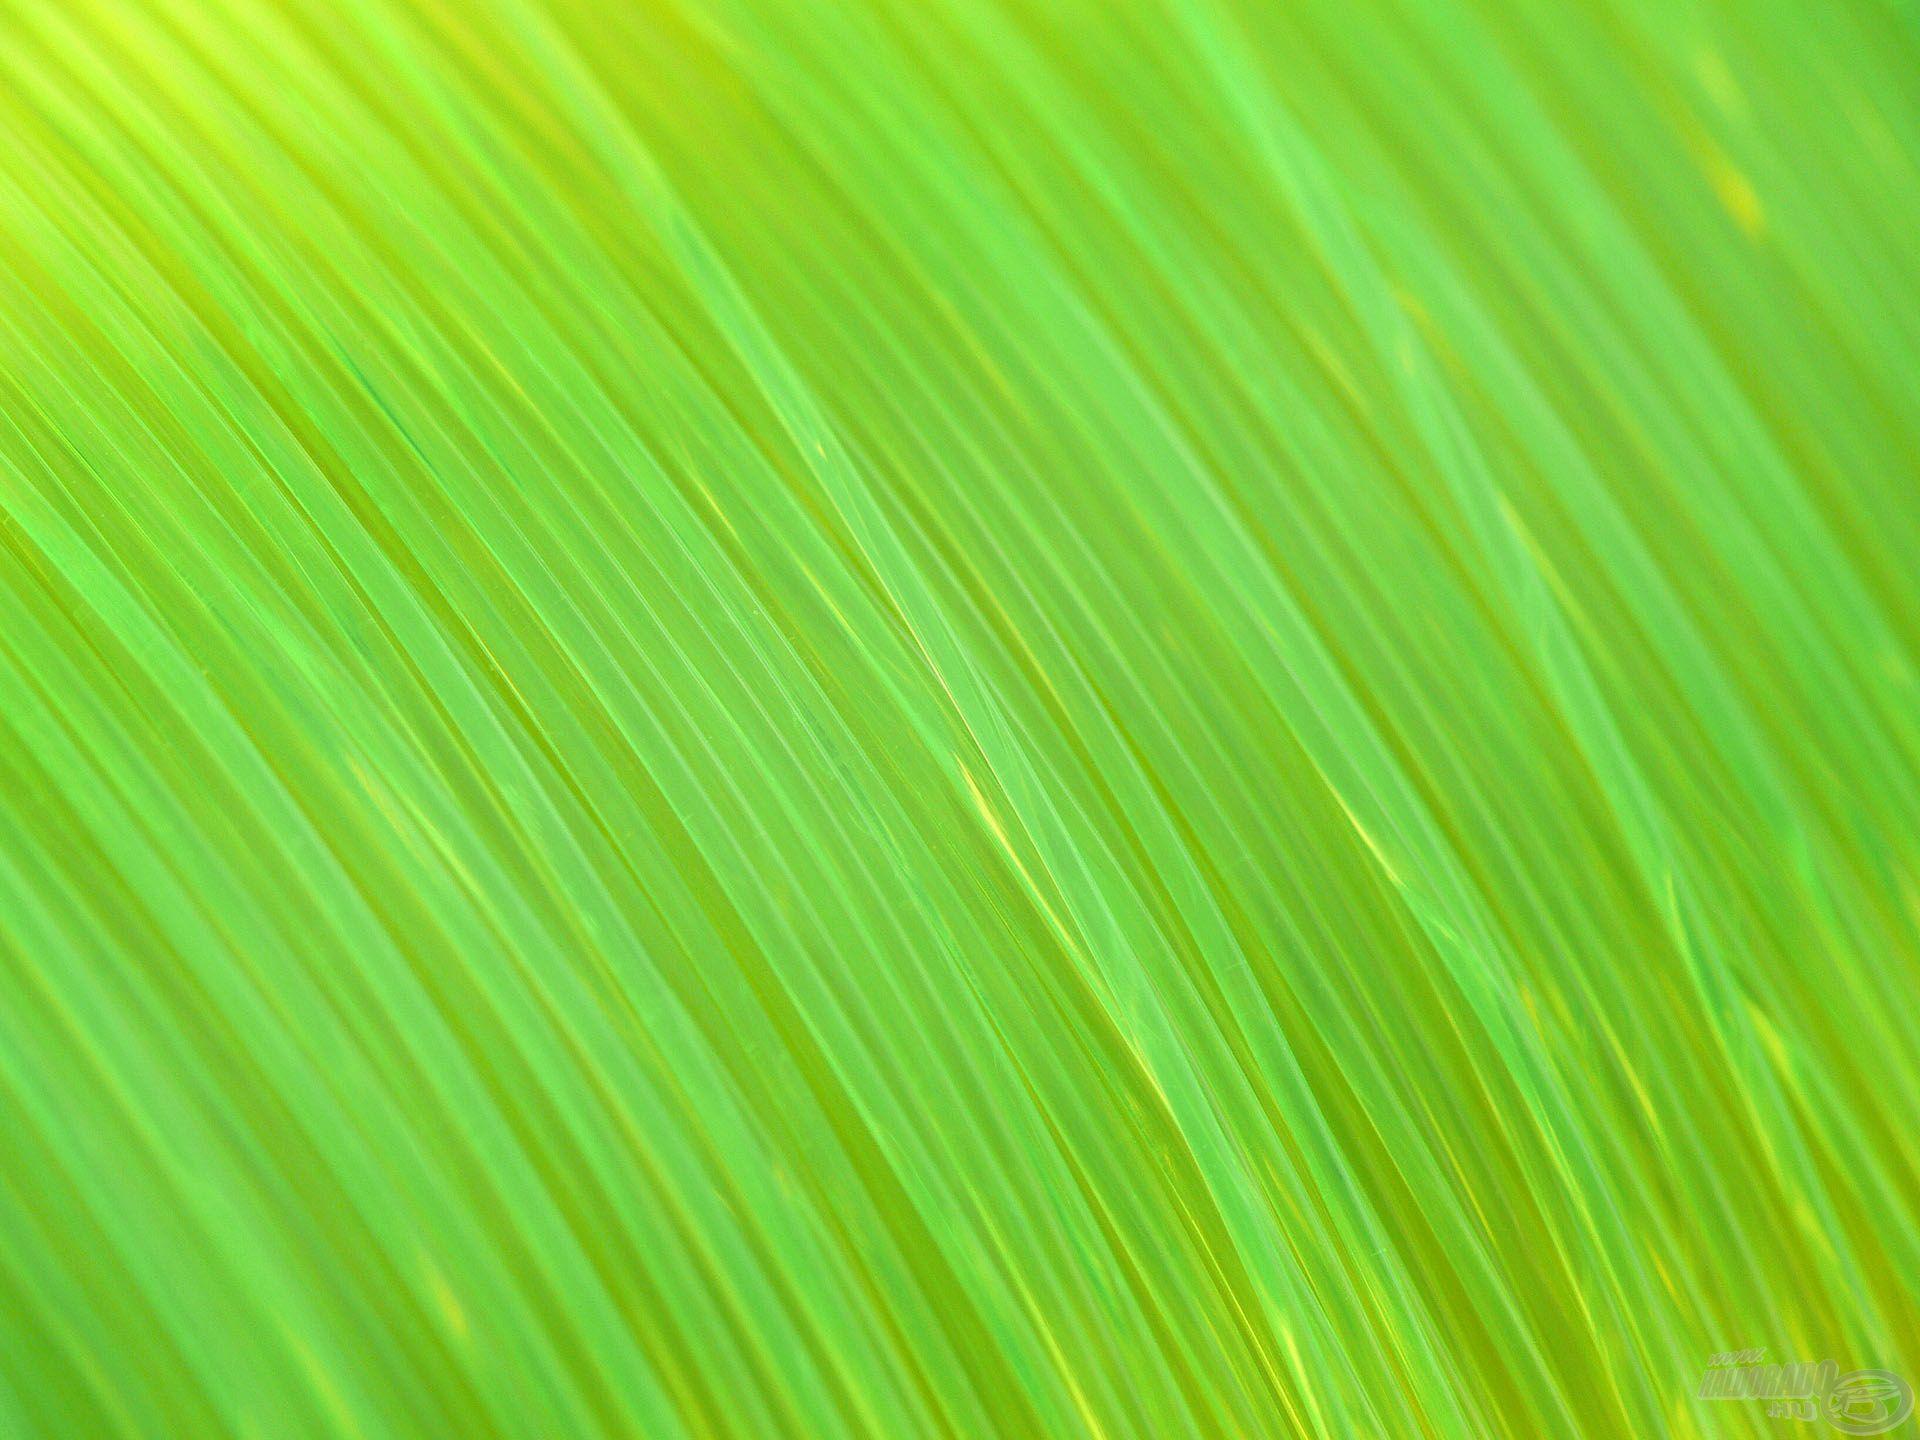 Ez a zsinór élénksárga színezettel és UV védelemmel rendelkezik